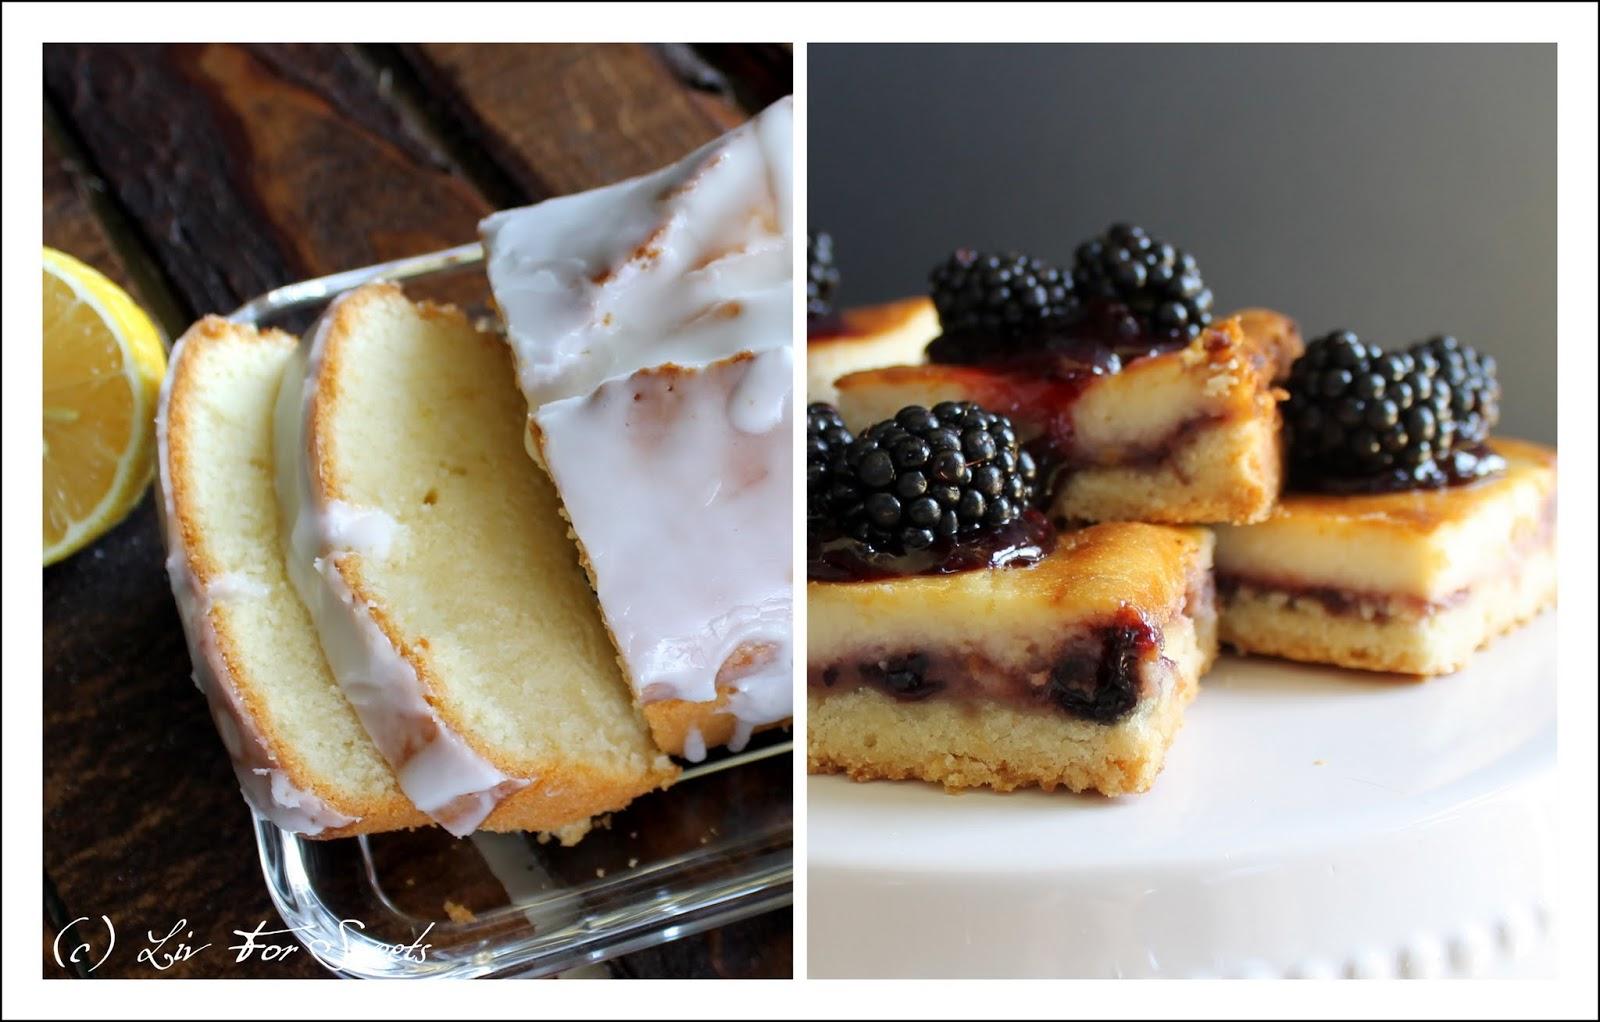 Zitronenkuchen und Käsekuchen mit Brombeeren und Limette - Rezept auch für den Thermomix